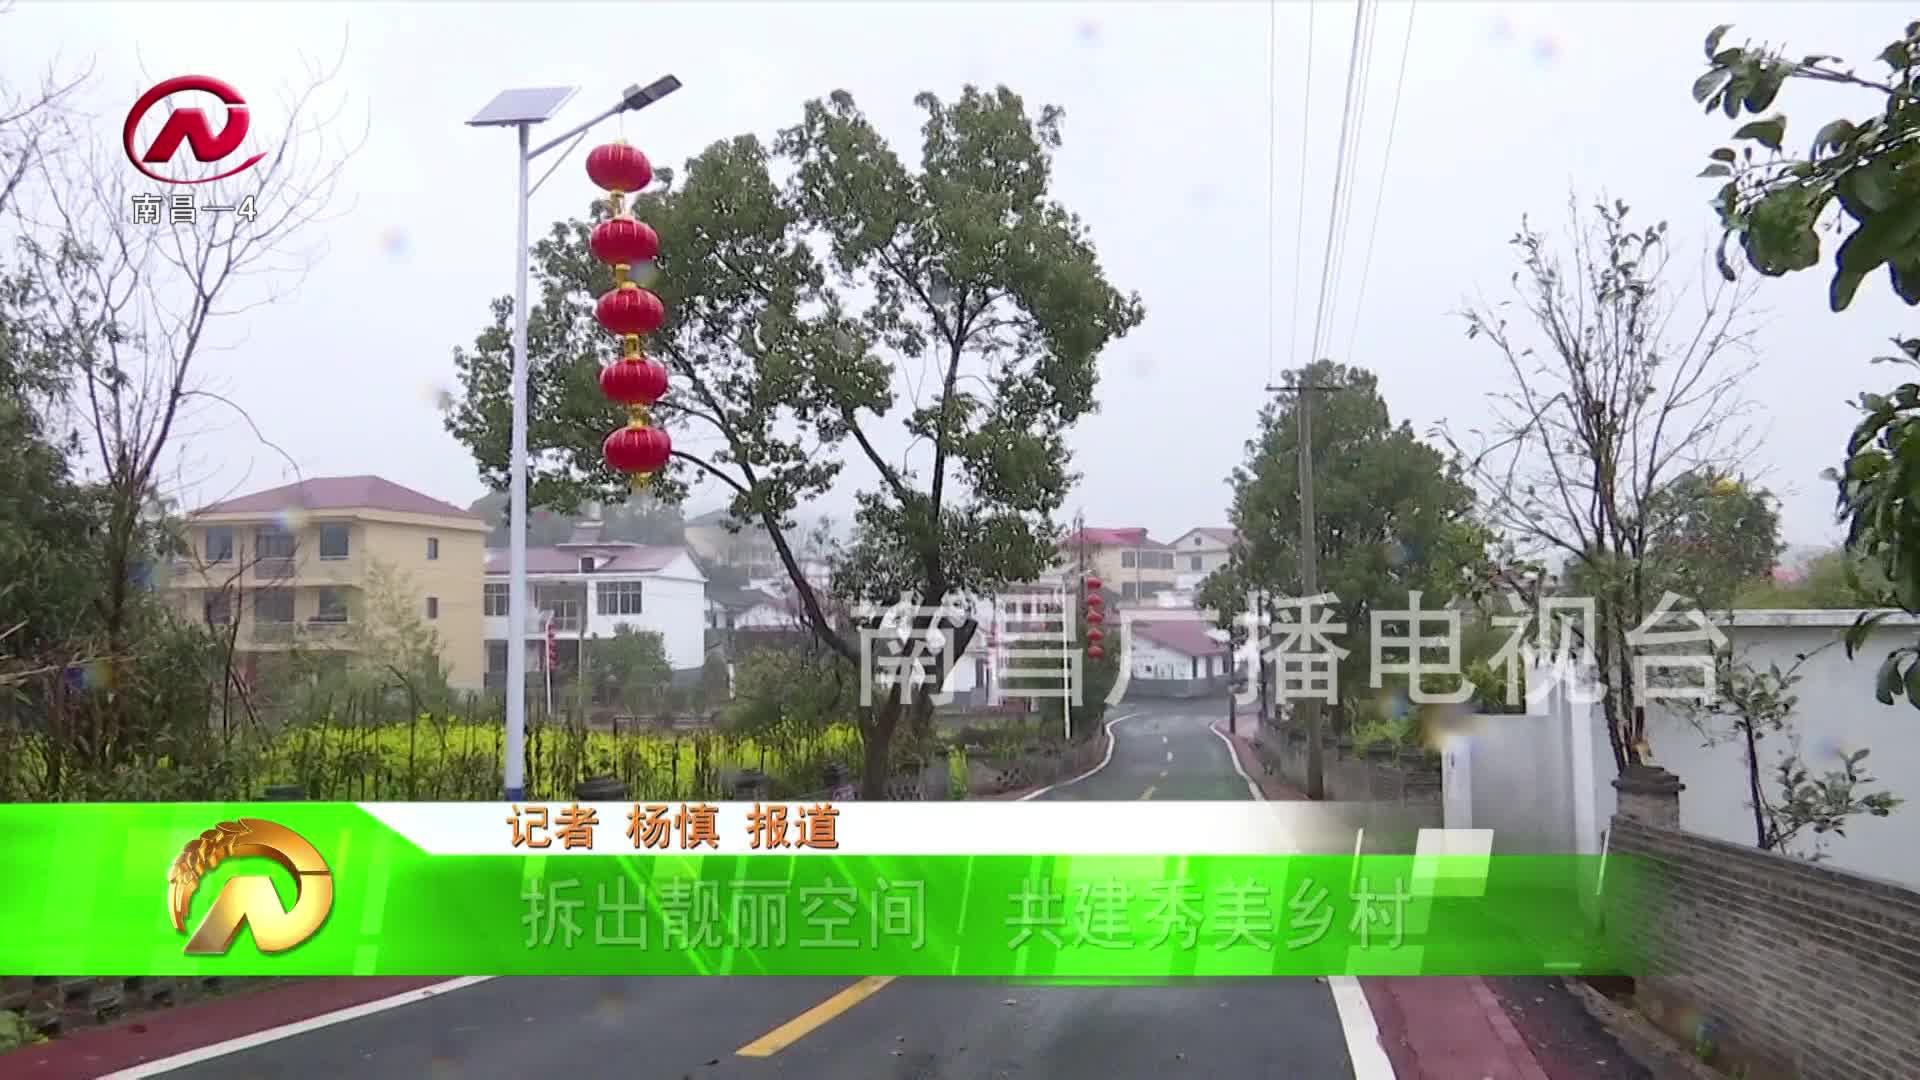 【豫章農視】拆出靚麗空間  共建秀美鄉村